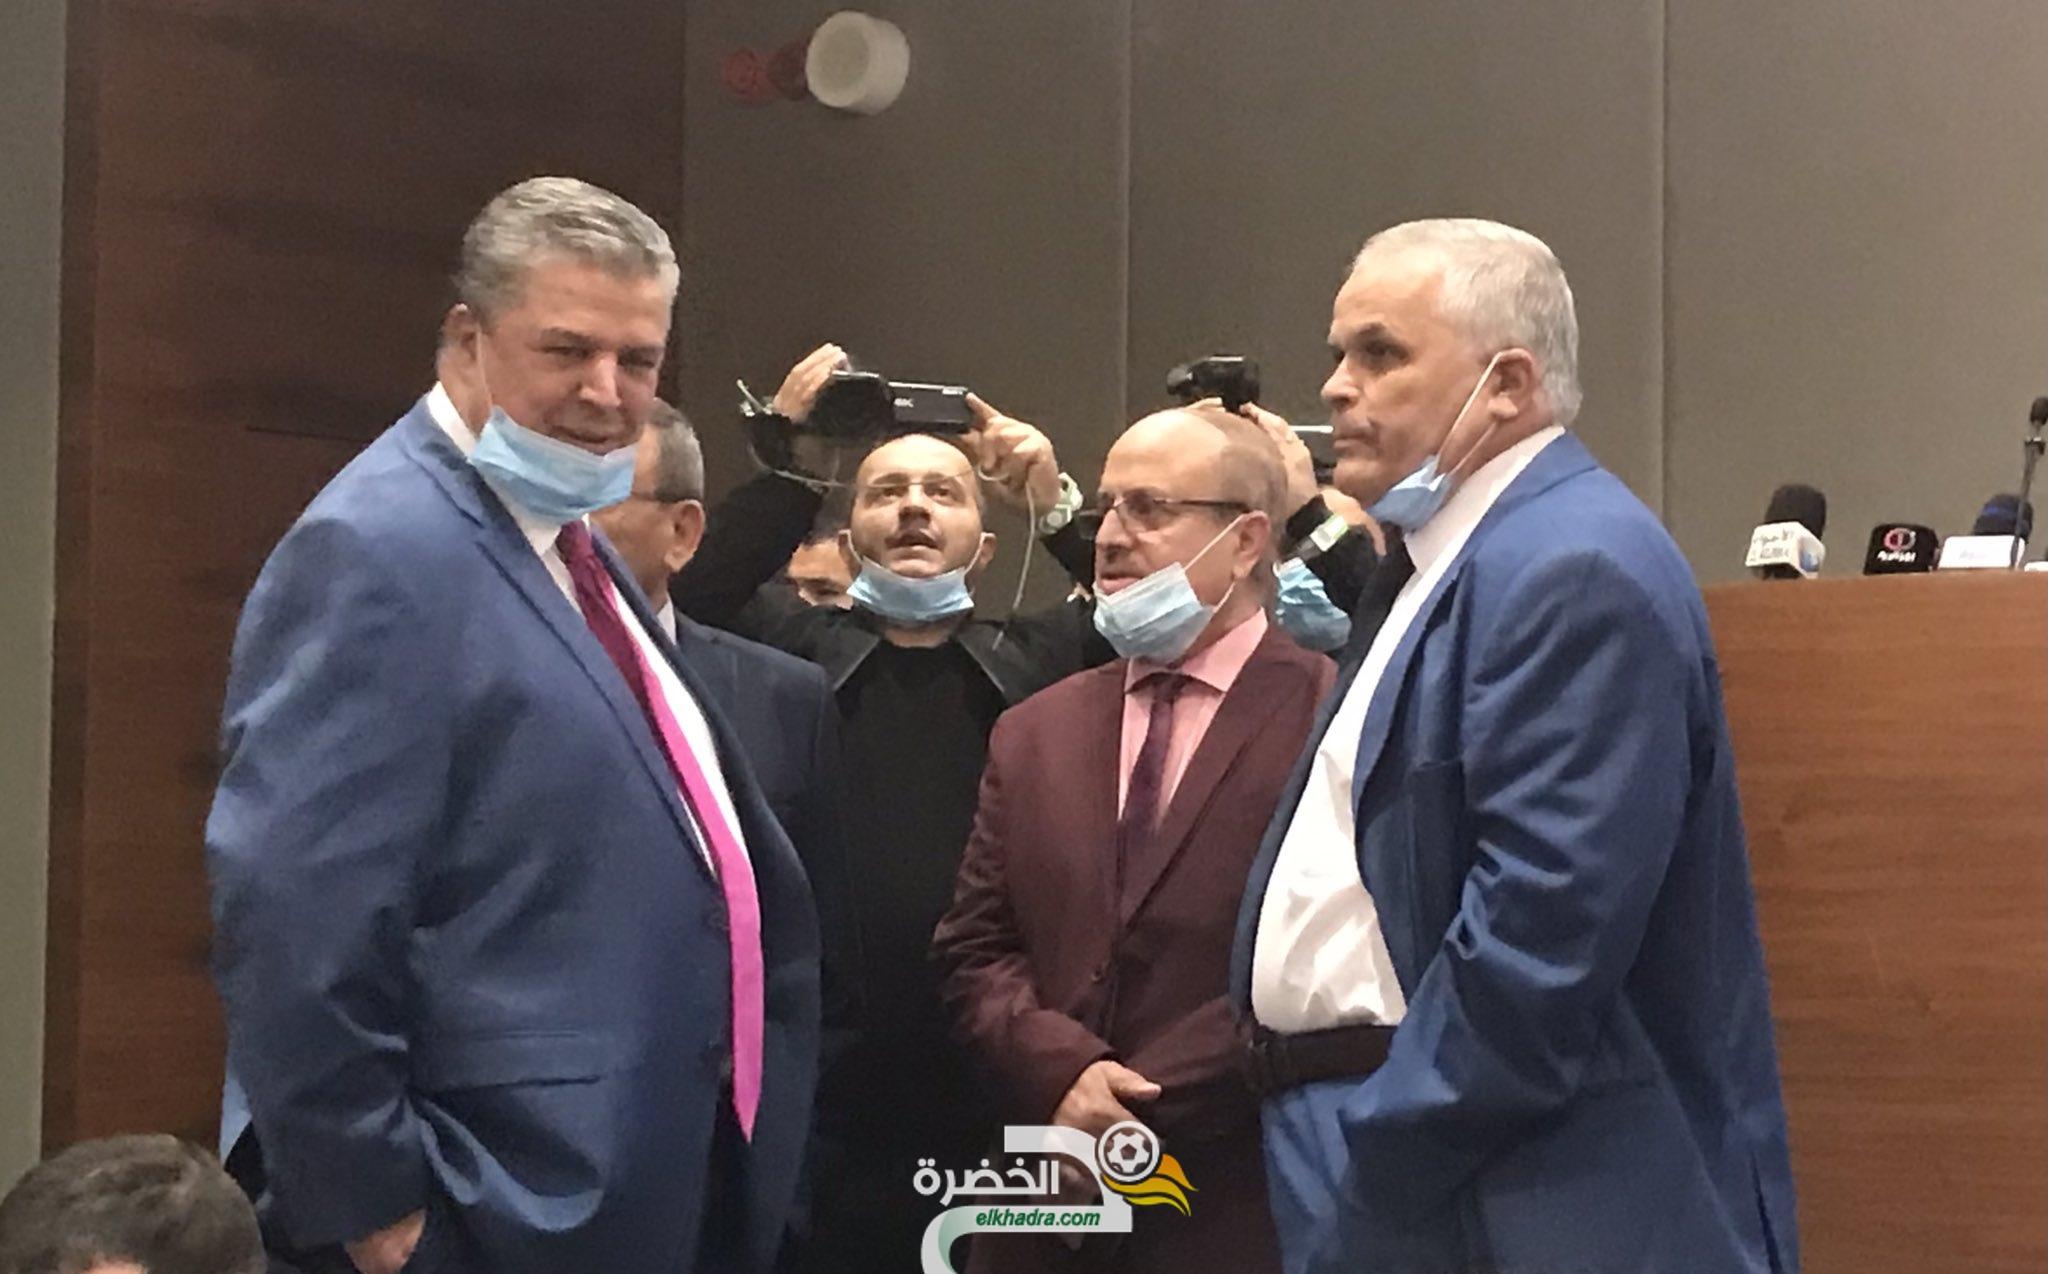 """اهم تصريحات شرف الدين عمارة """" كمرشح لرئاسة الفاف"""" 24"""